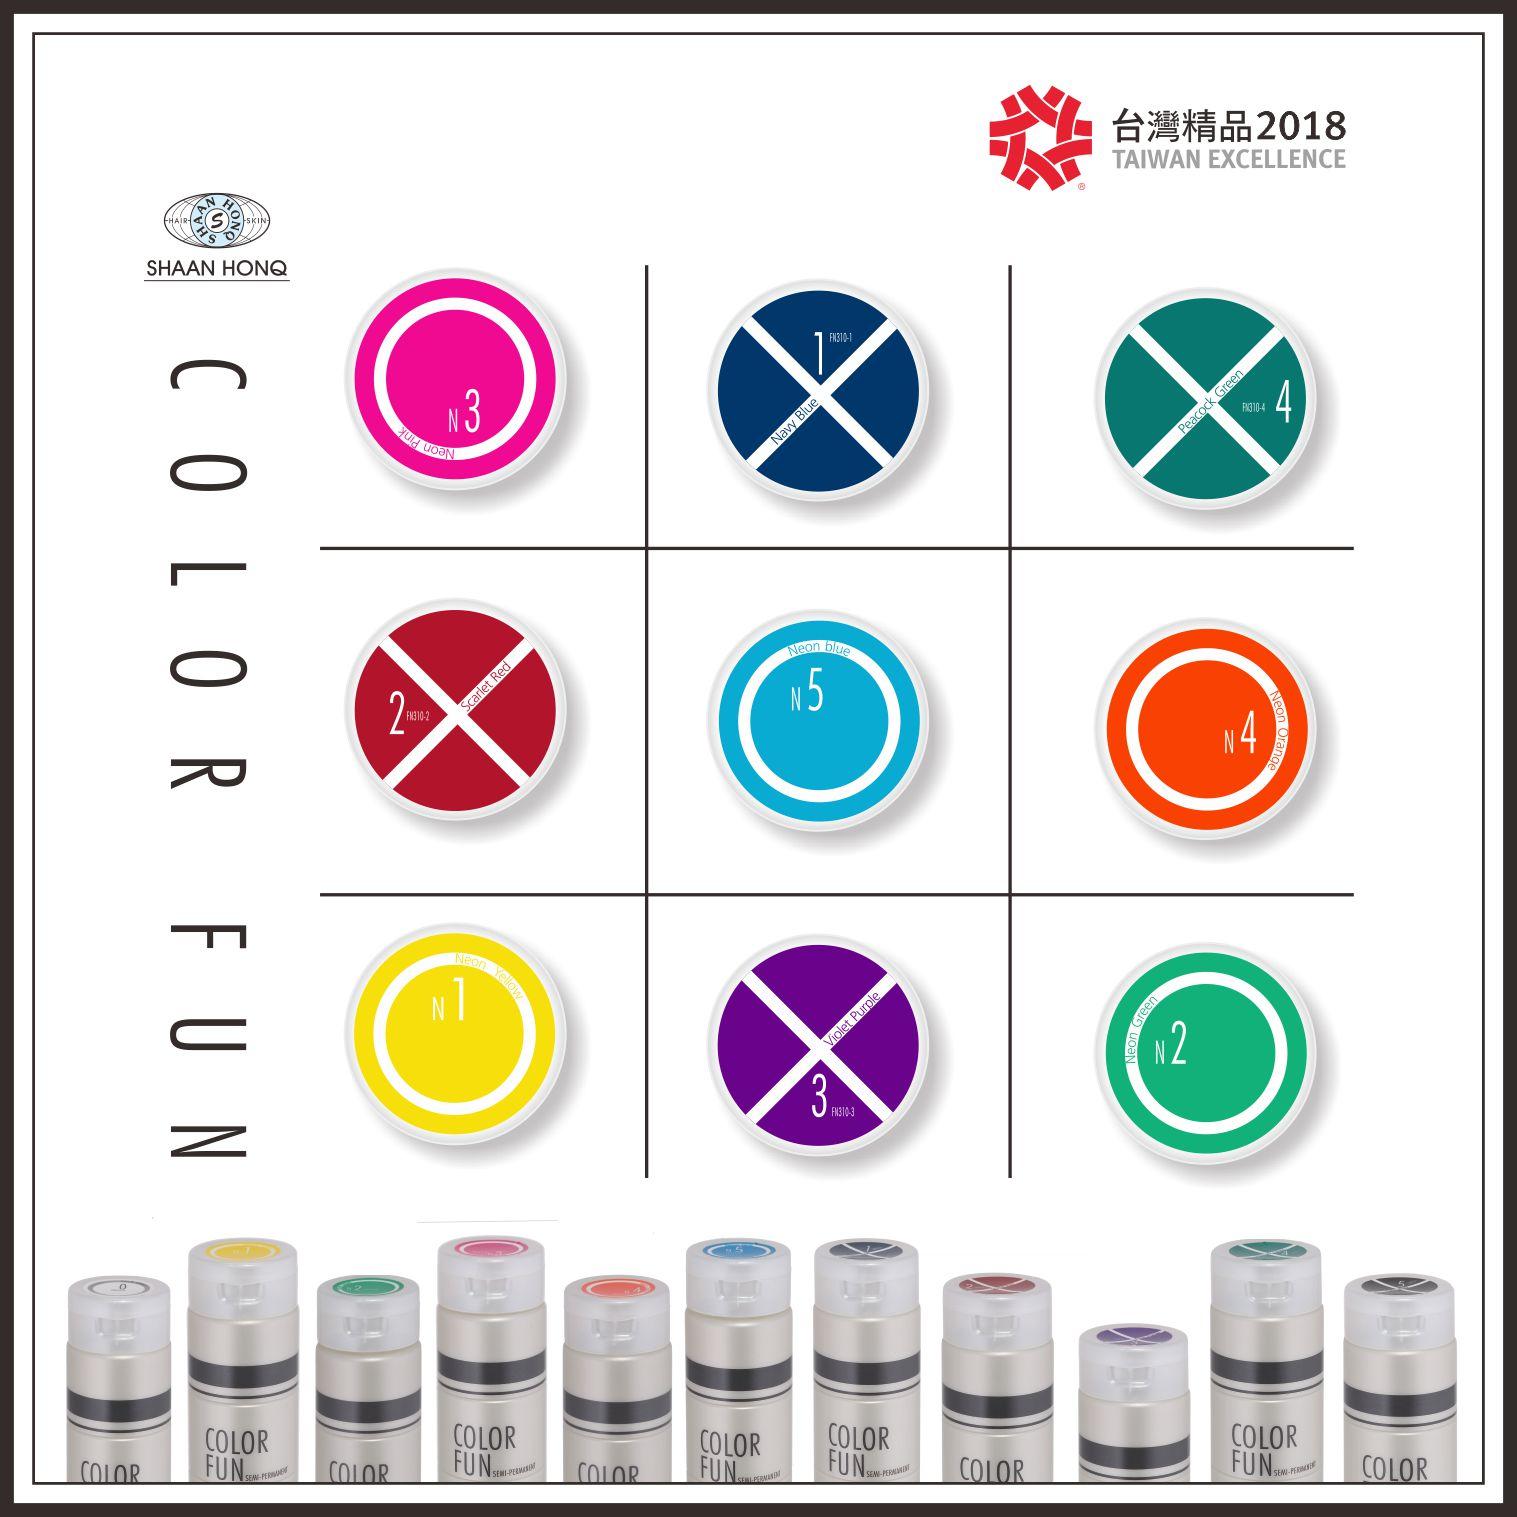 2018台灣精品color fun